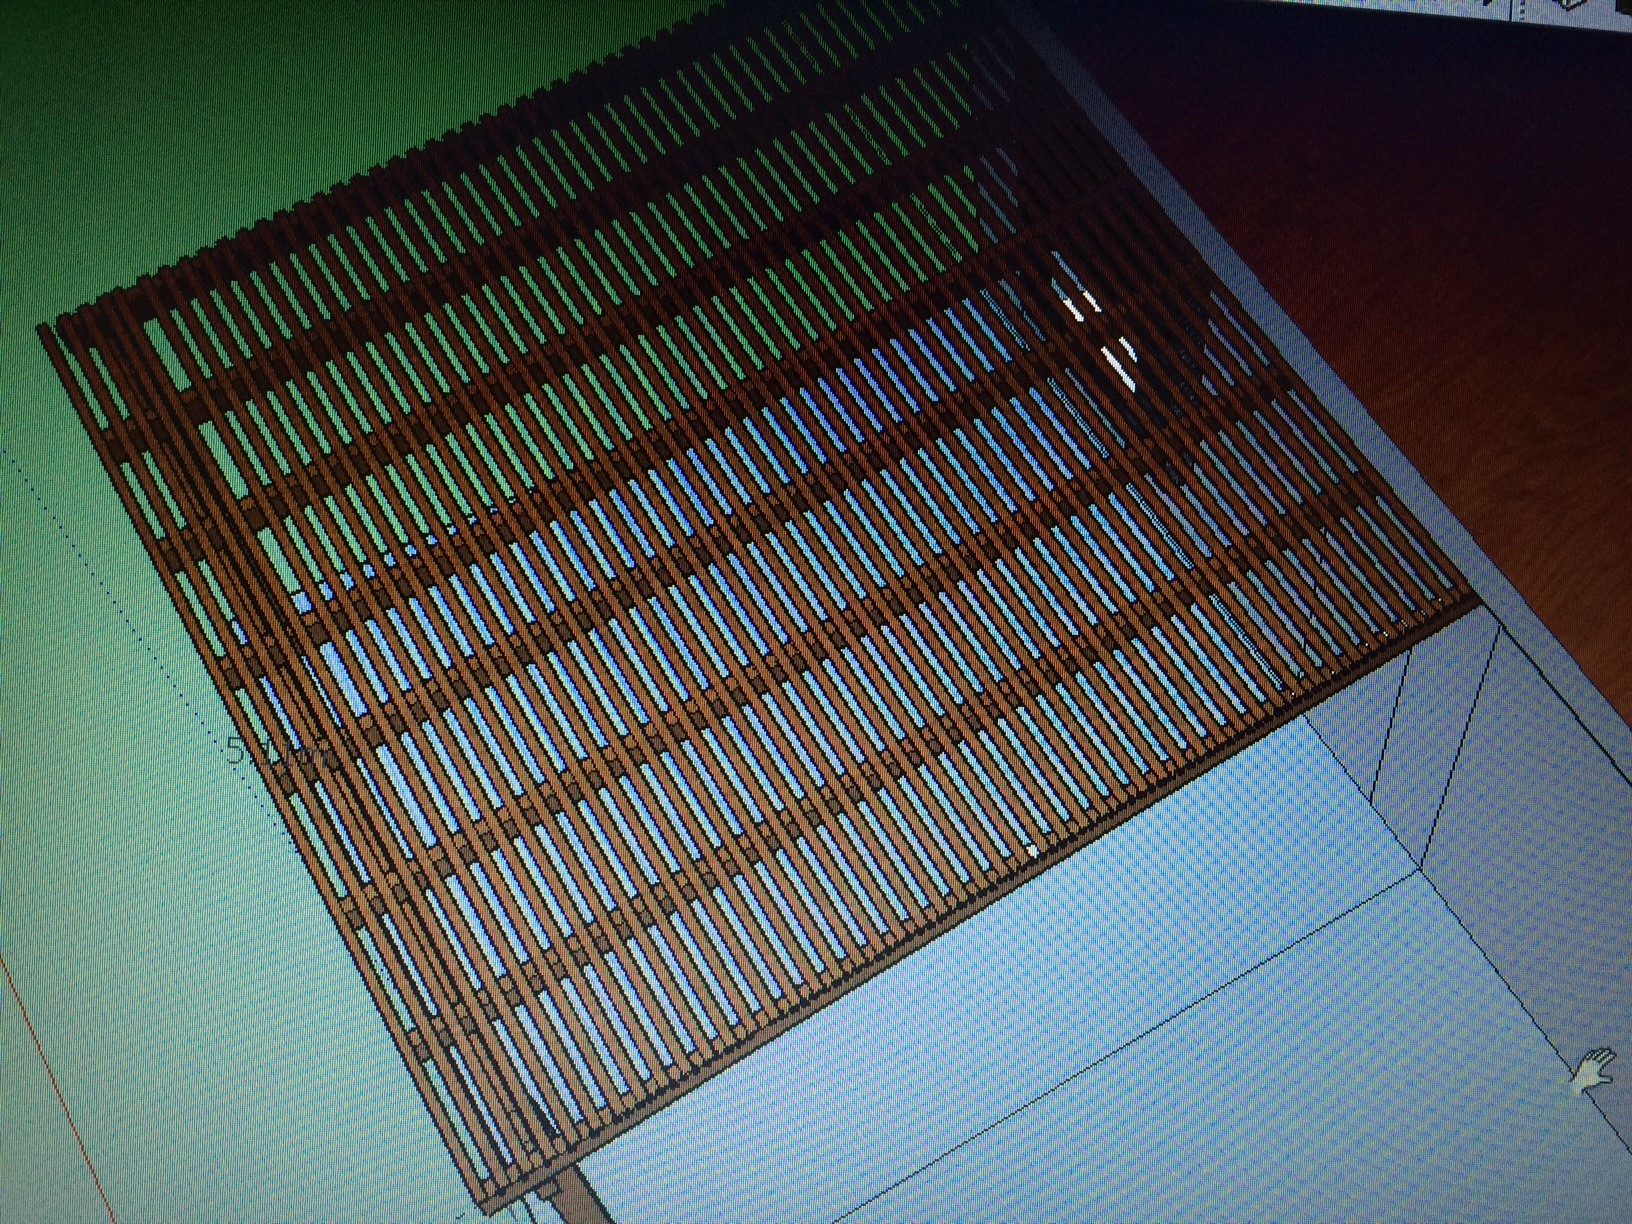 תכנון פרגולת עץ